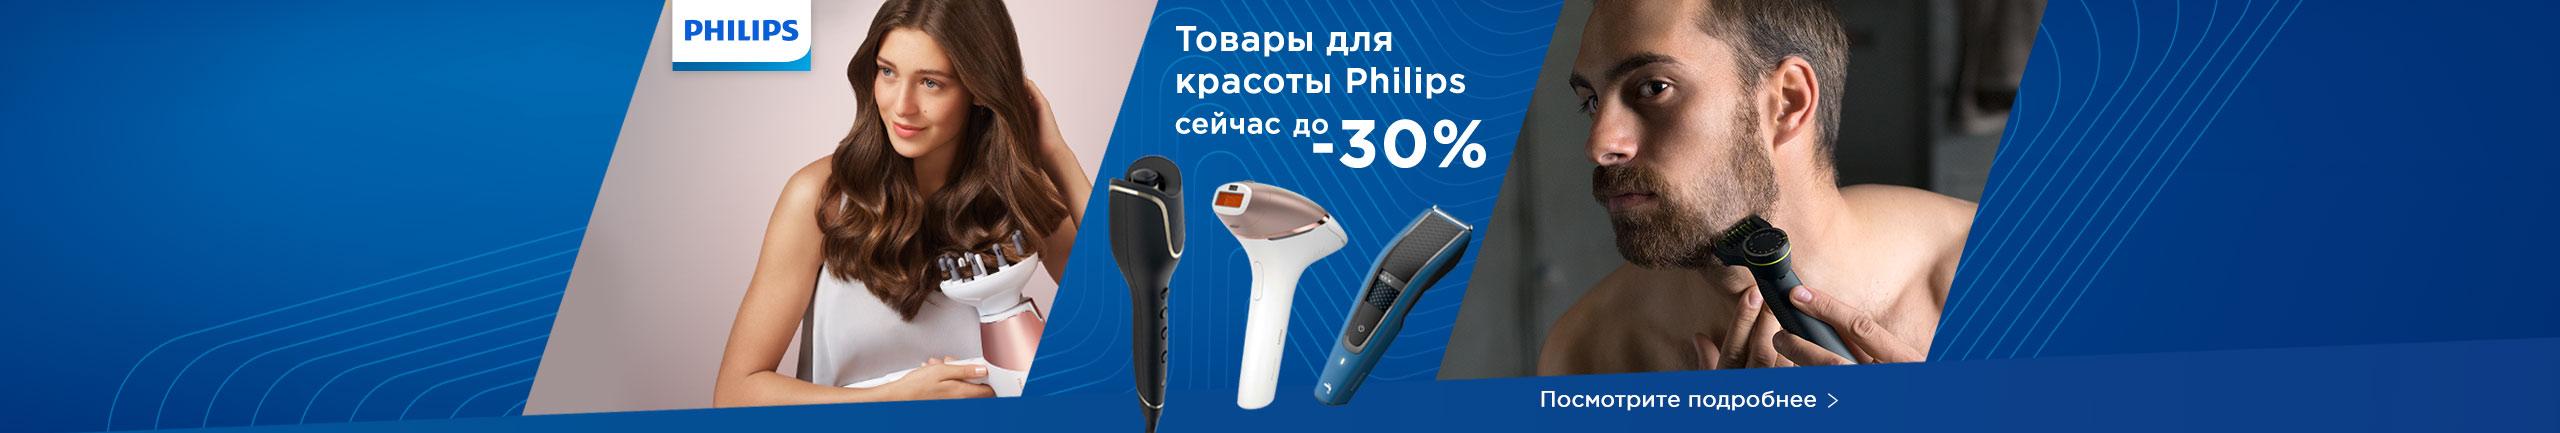 Товары для красоты Philips сейчас до -30%